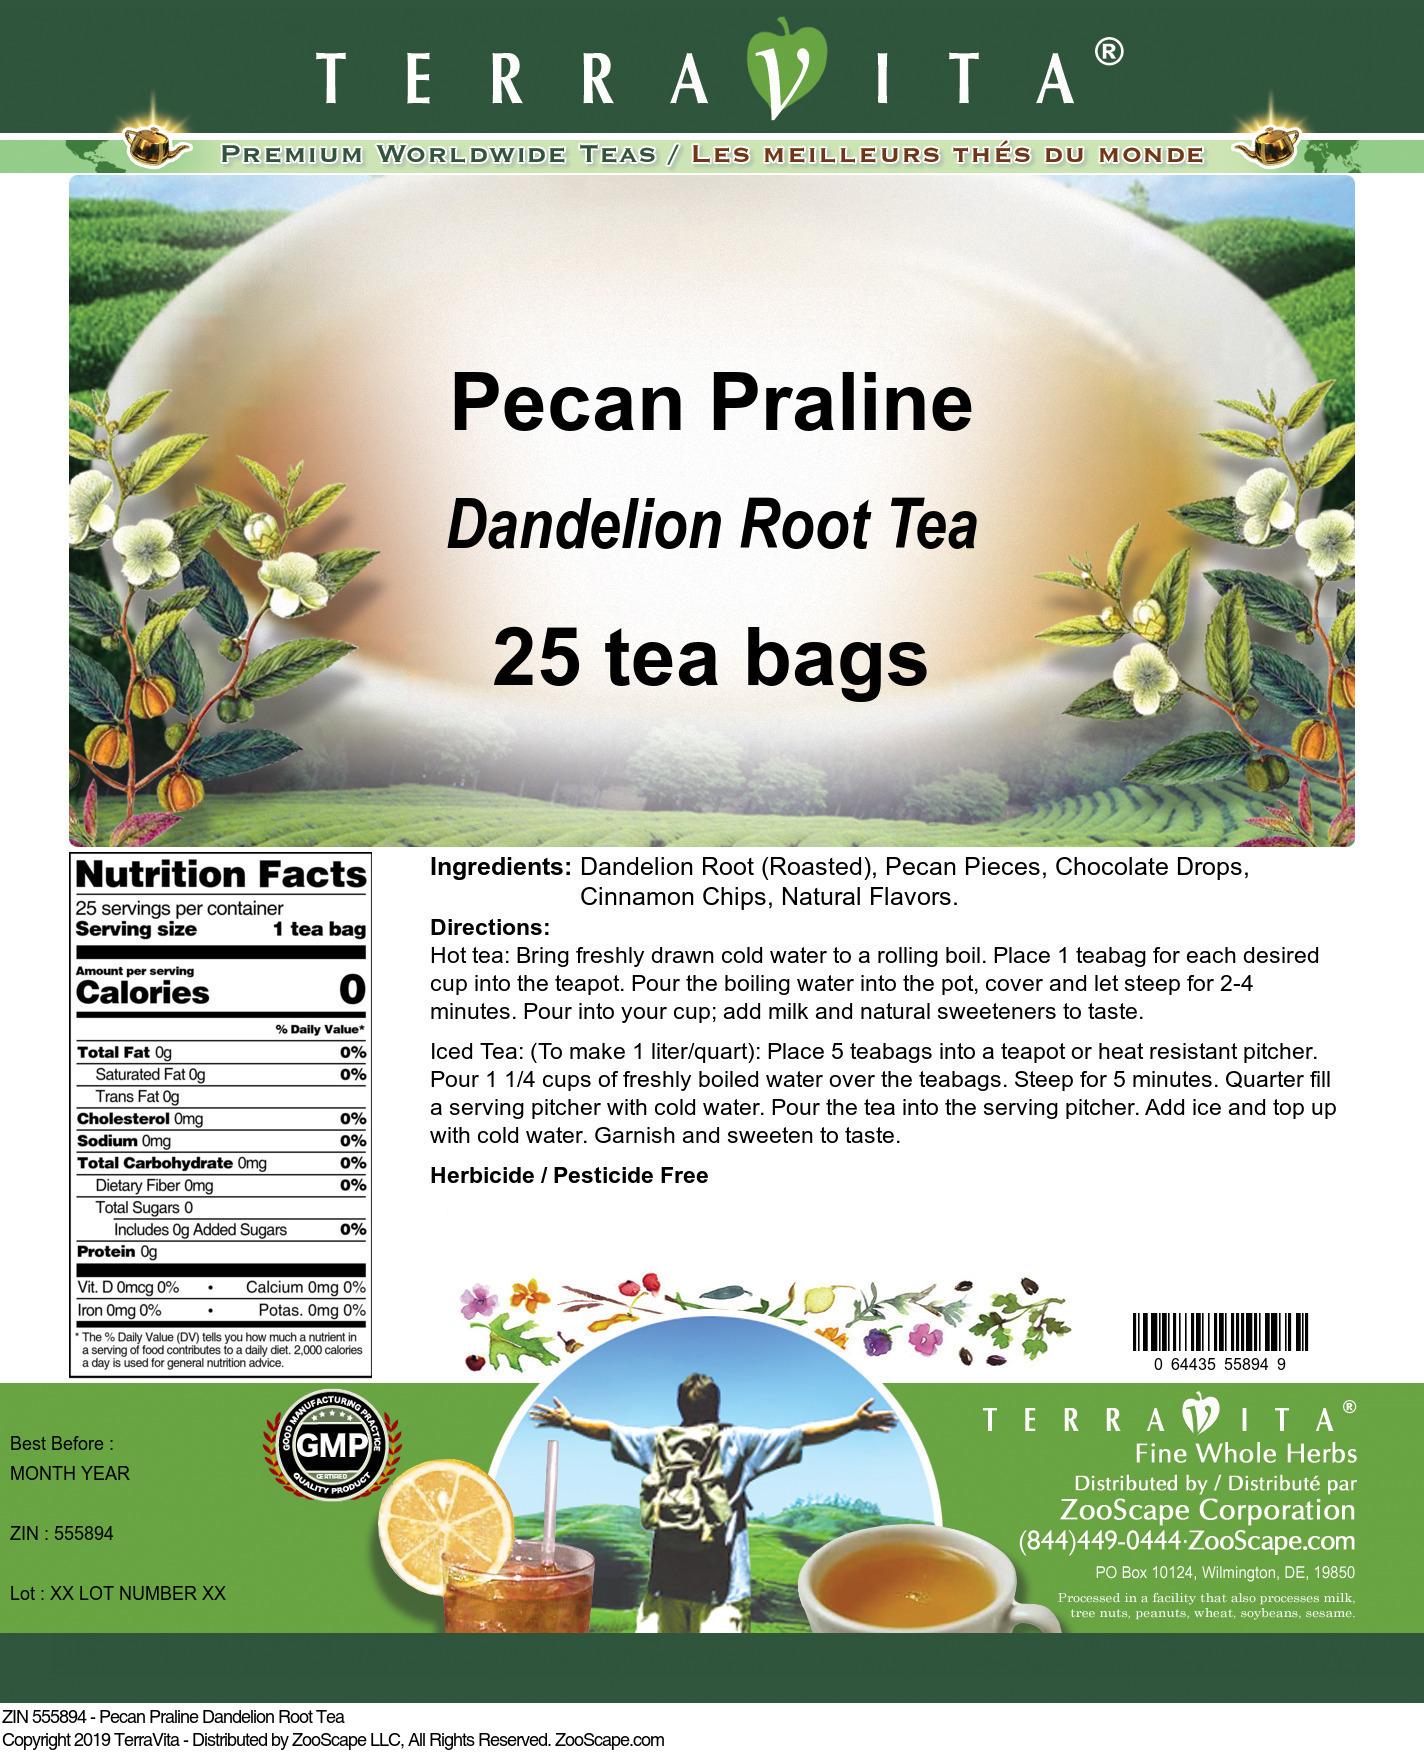 Pecan Praline Dandelion Root Tea